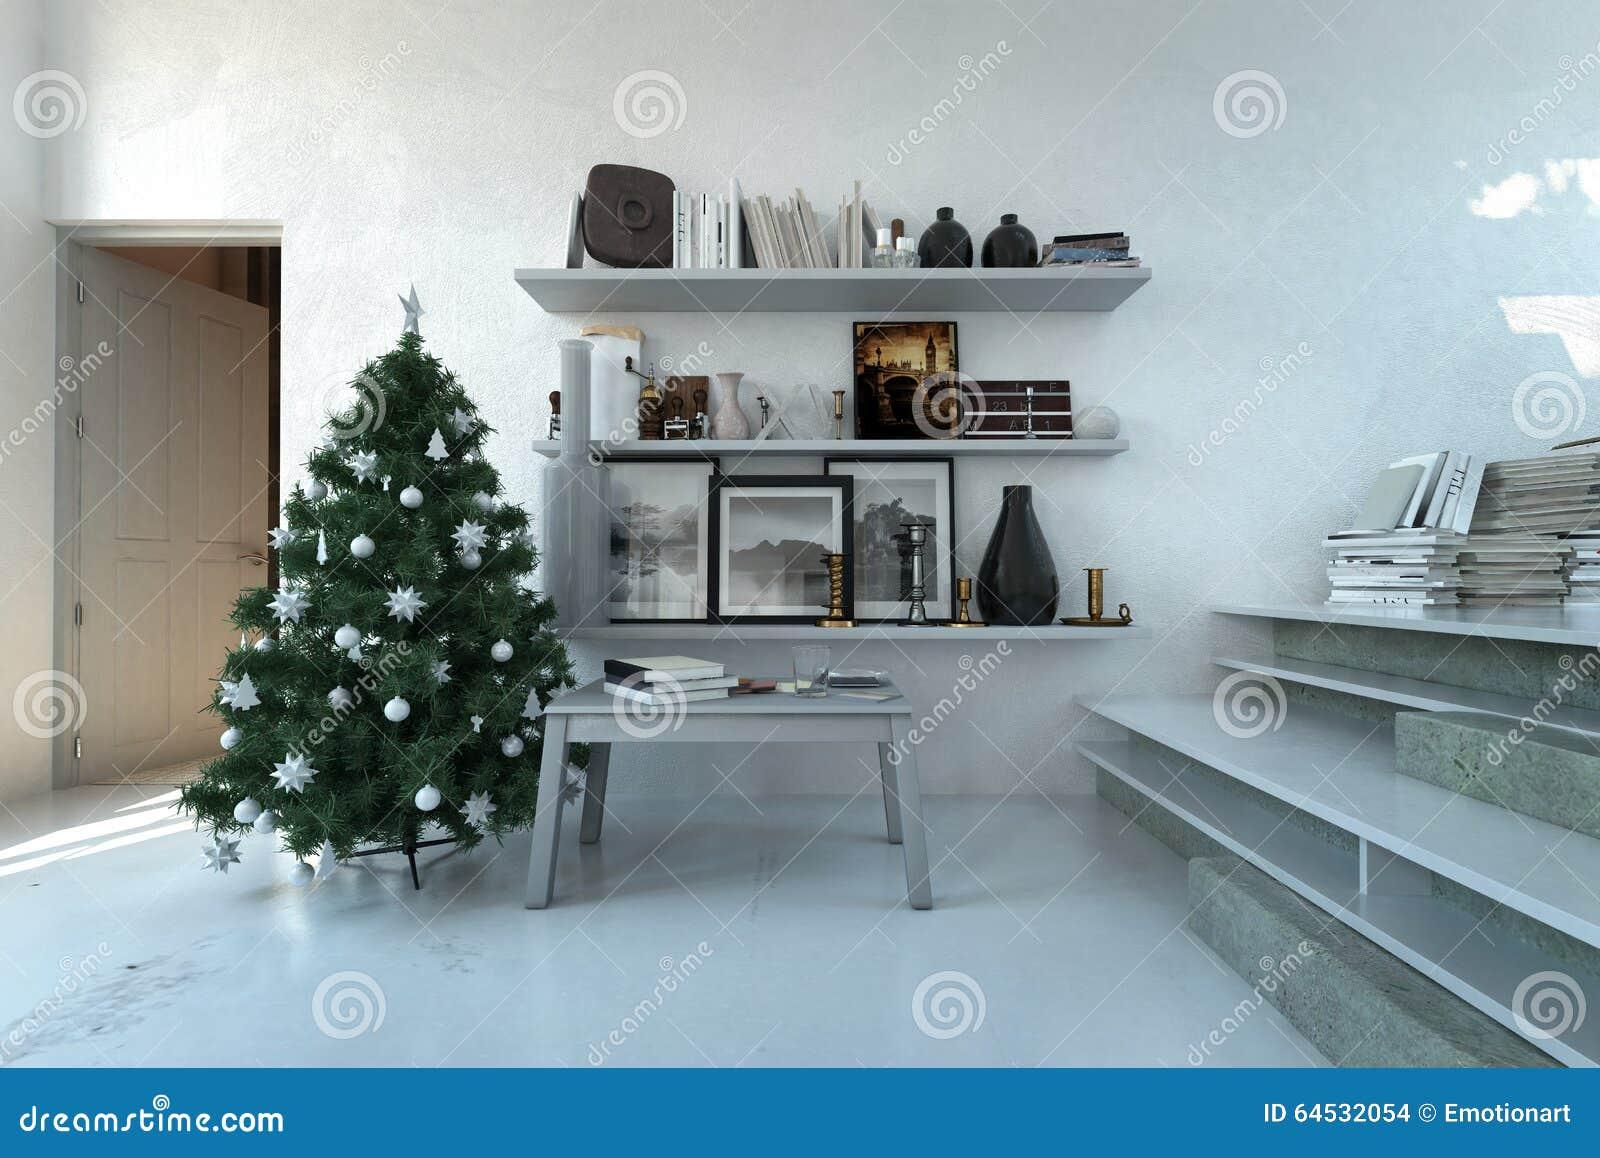 Kerstboom in een moderne witte woonkamer stock illustratie ...